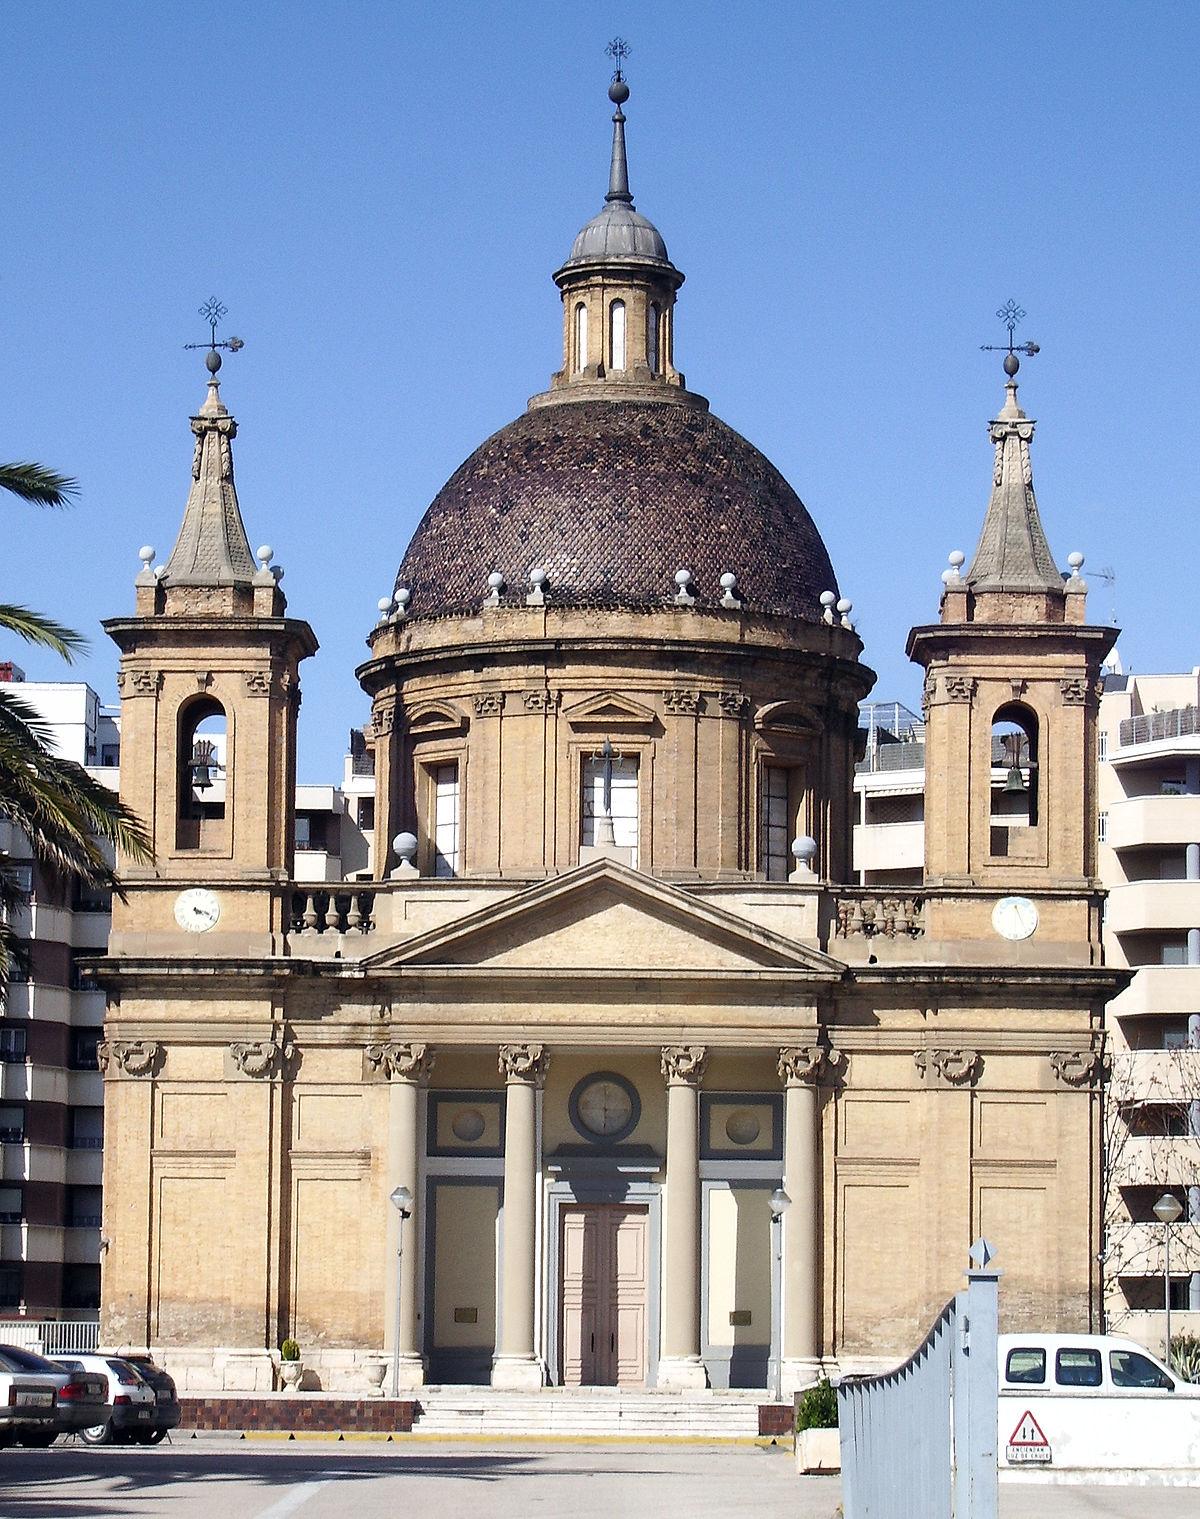 Iglesia de san fernando zaragoza wikipedia la - Arquitectura en zaragoza ...